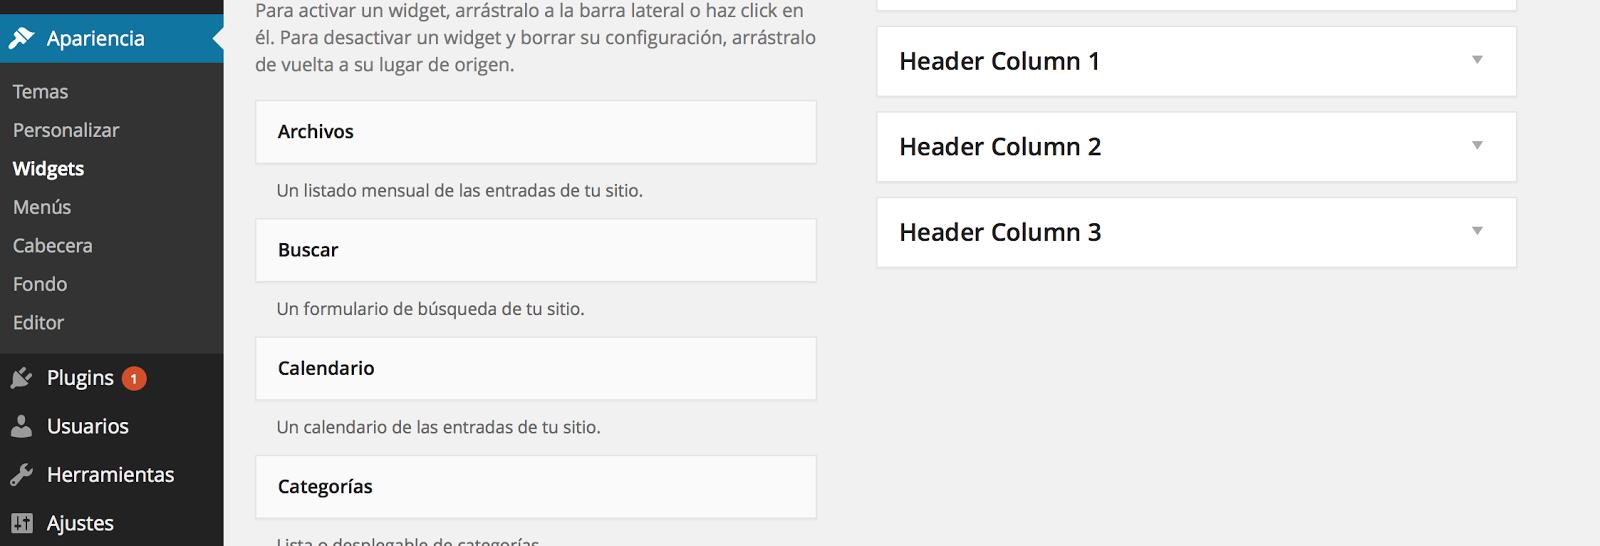 Cómo añadir badge donpatron en Wordpress